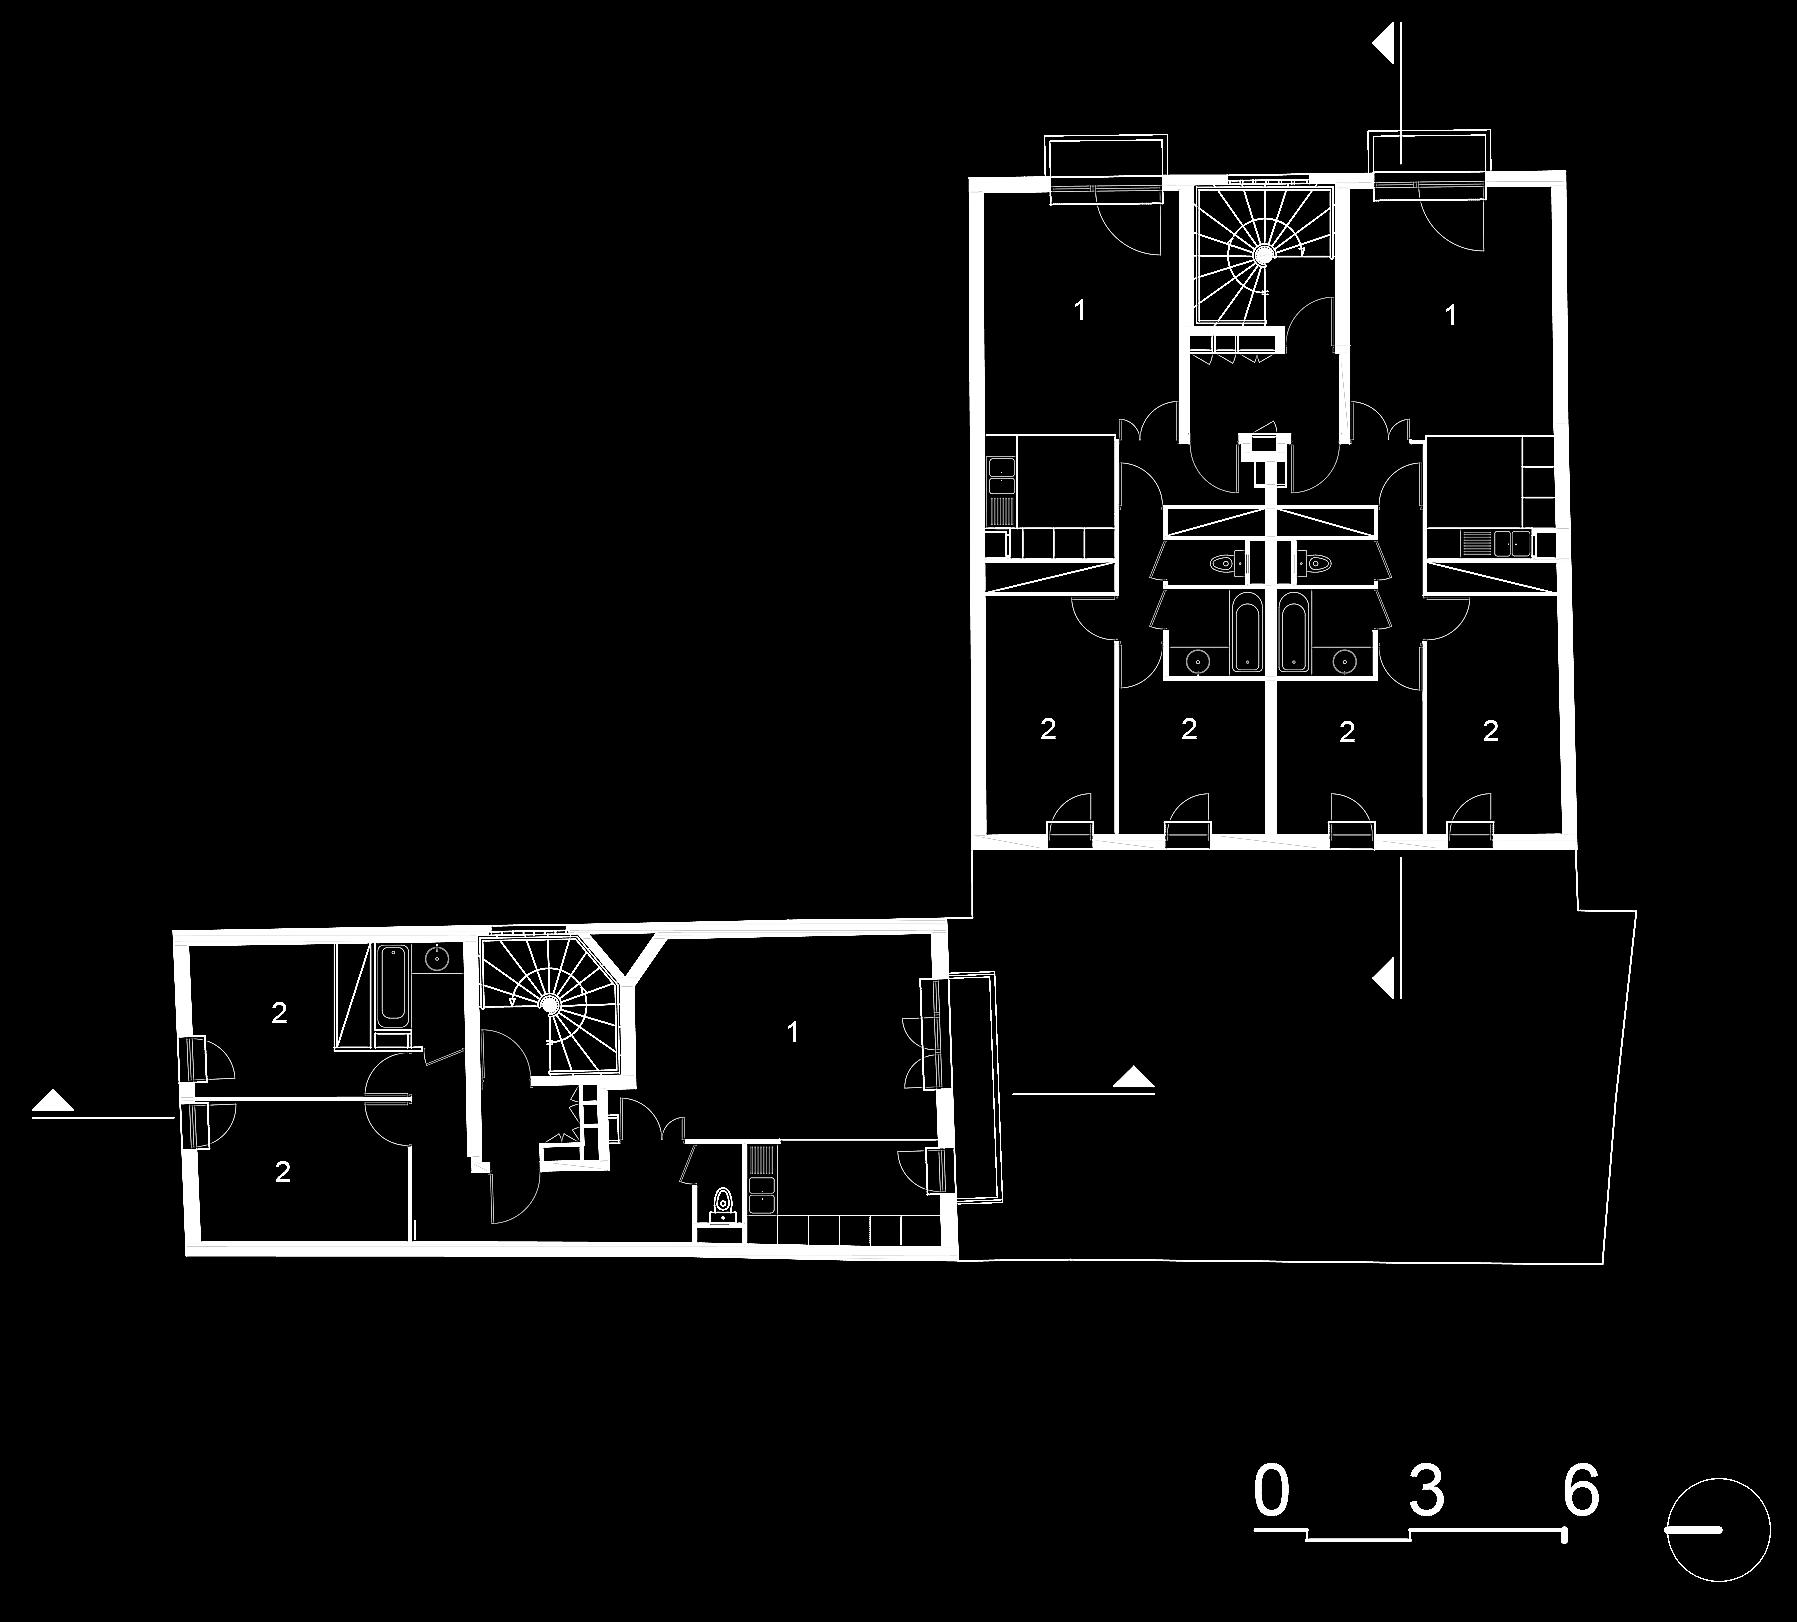 Plan étage courant :  1- Séjour, 2- Chambres.